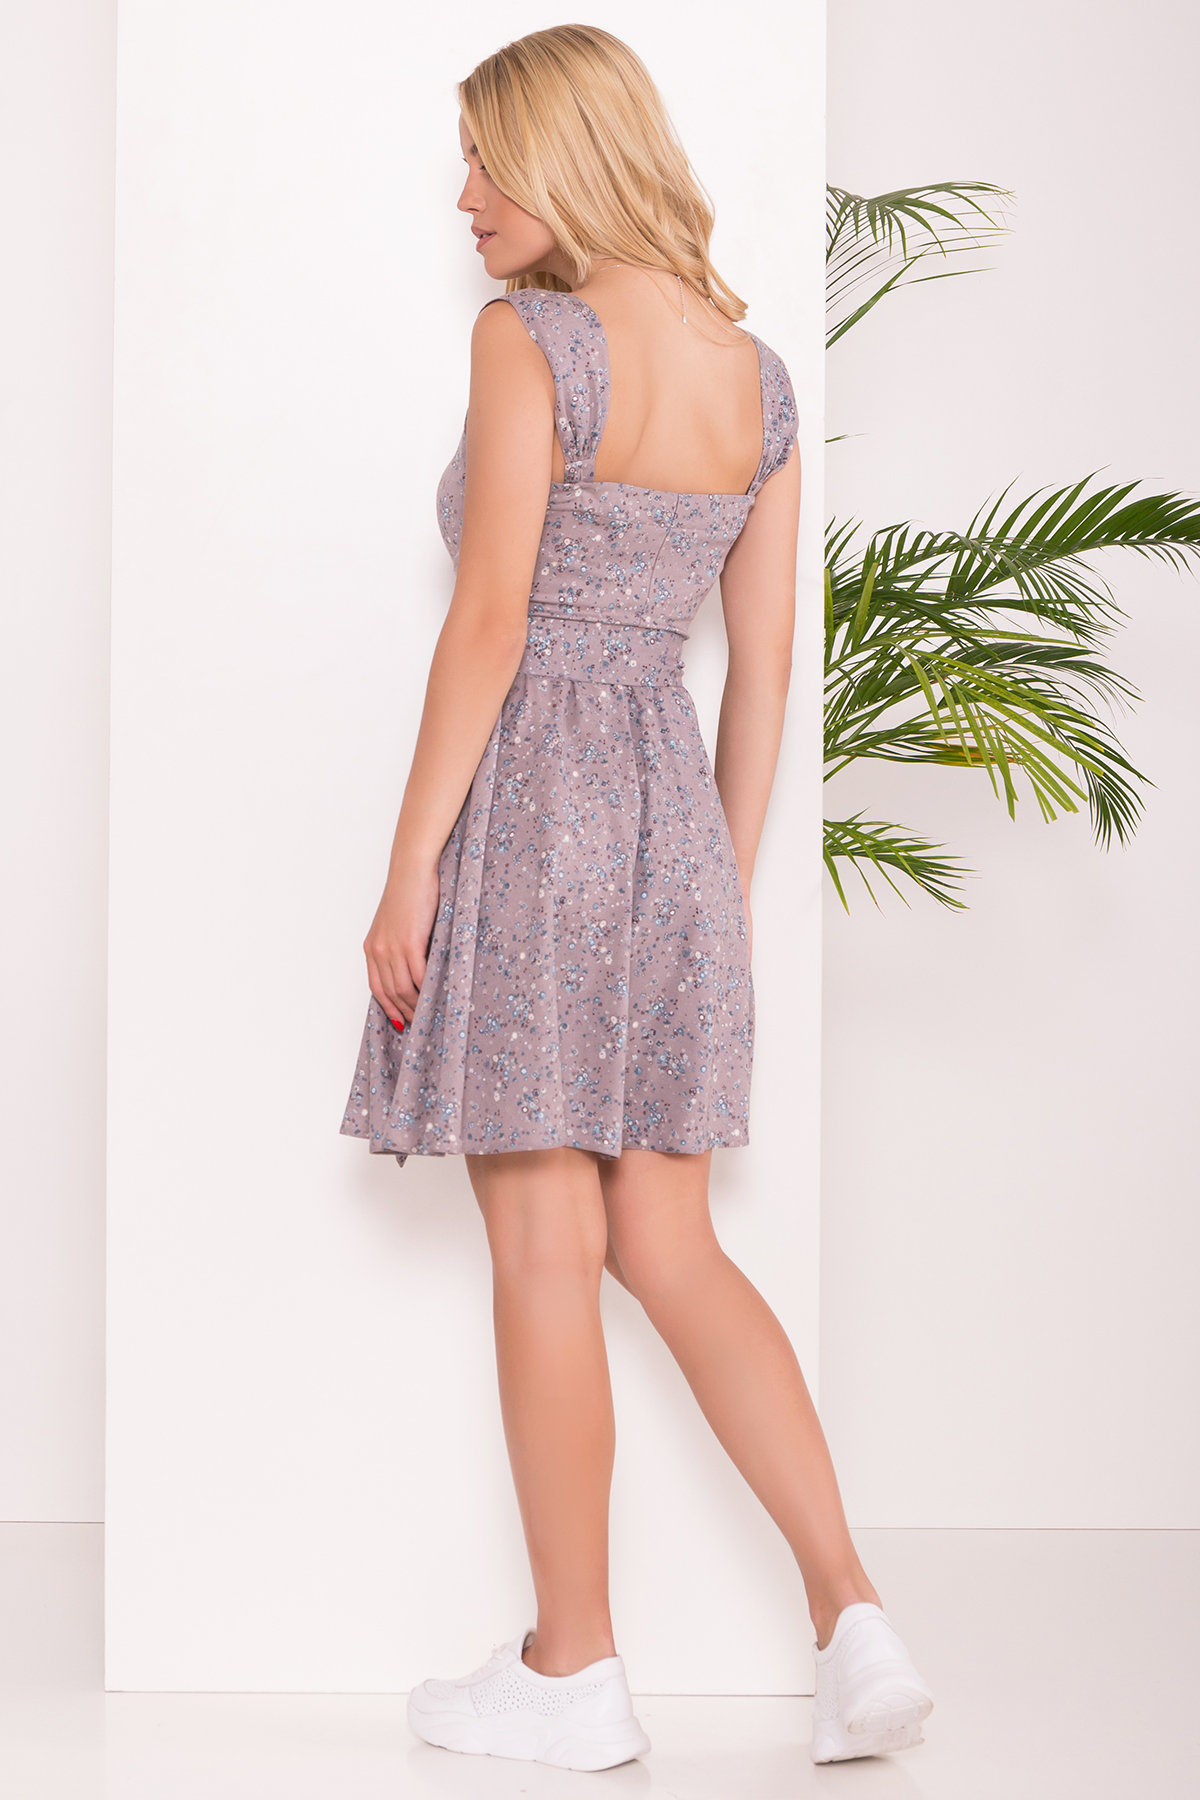 Платье Джонни 7586 Цвет: Цветы голуб мал/сер